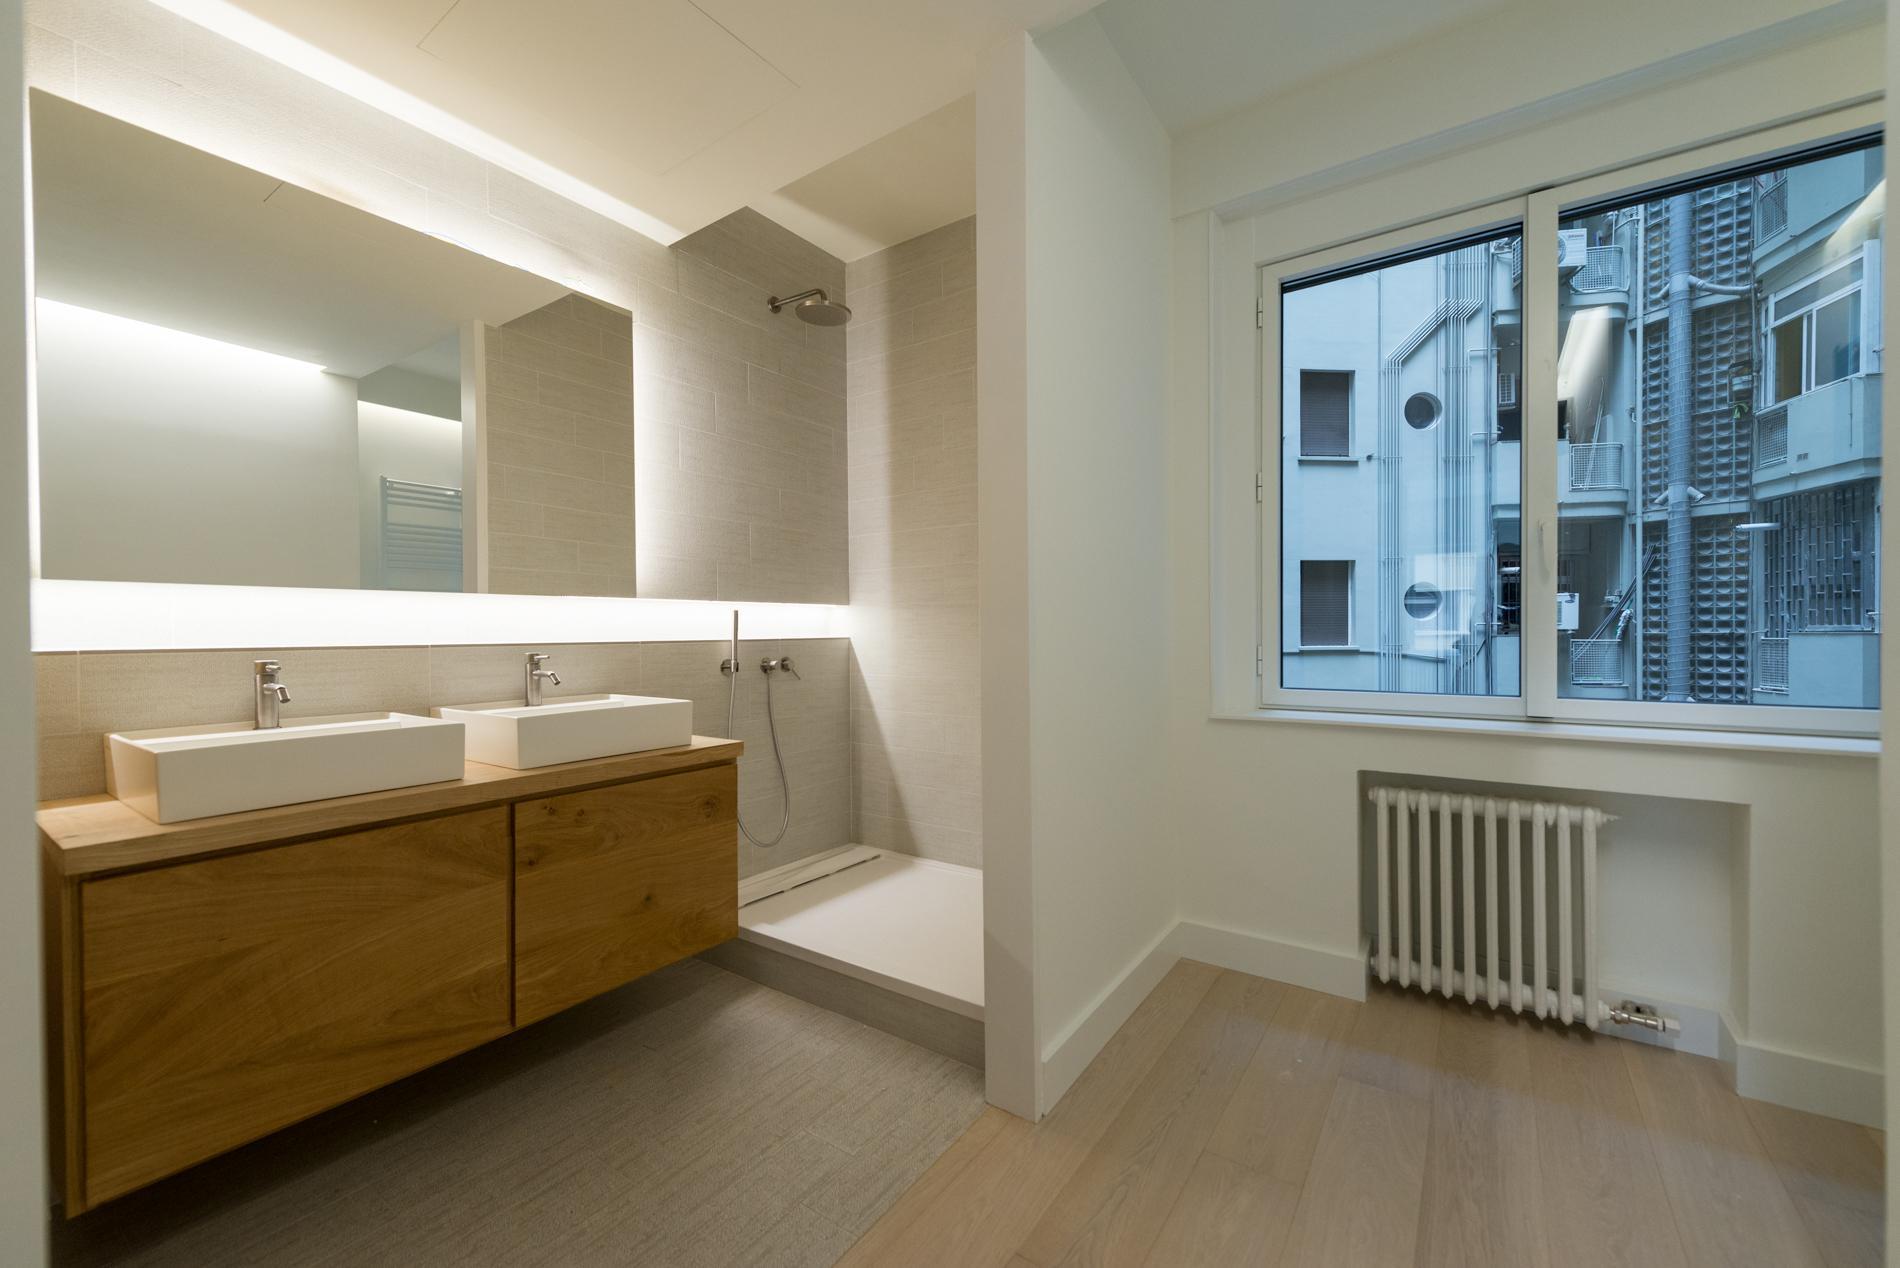 187548 Apartamento en venta en Ciutat Vella, St. Pere St. Caterina i La Ribera 7